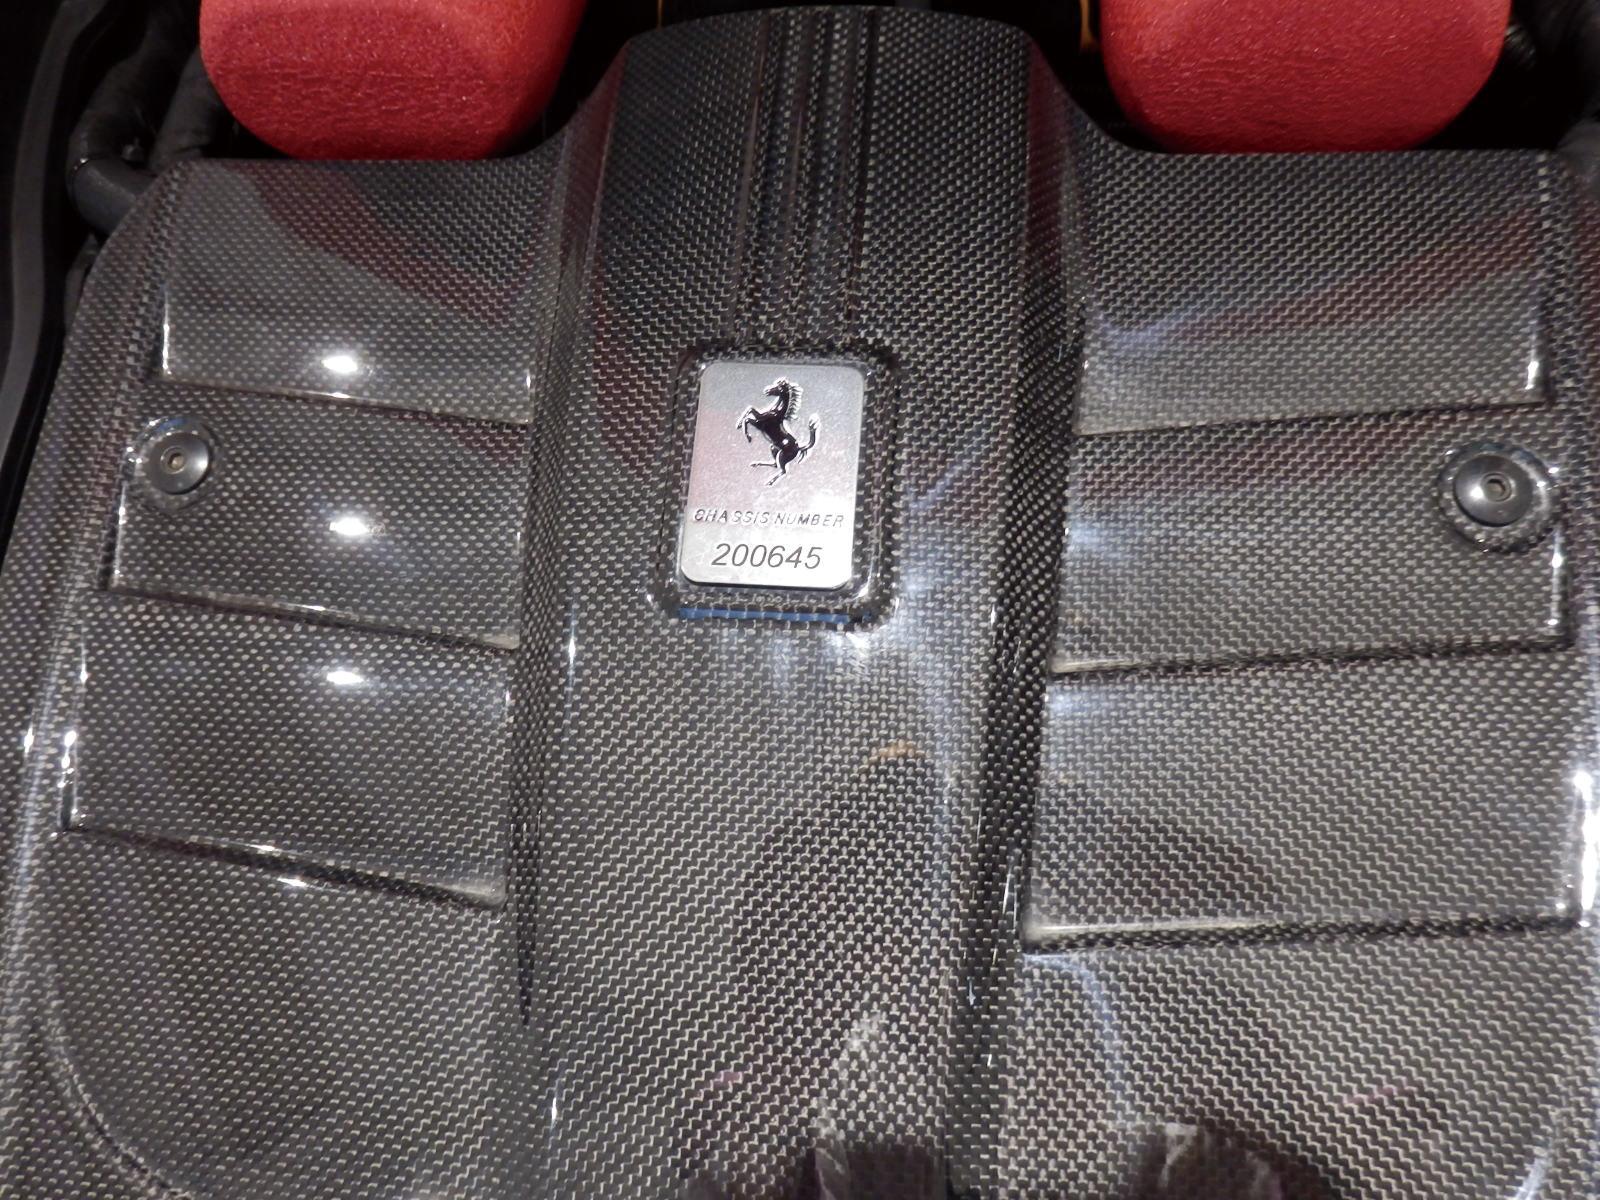 F12 ベルリネッタ ロッソコルサ カーボンエンジンカバー